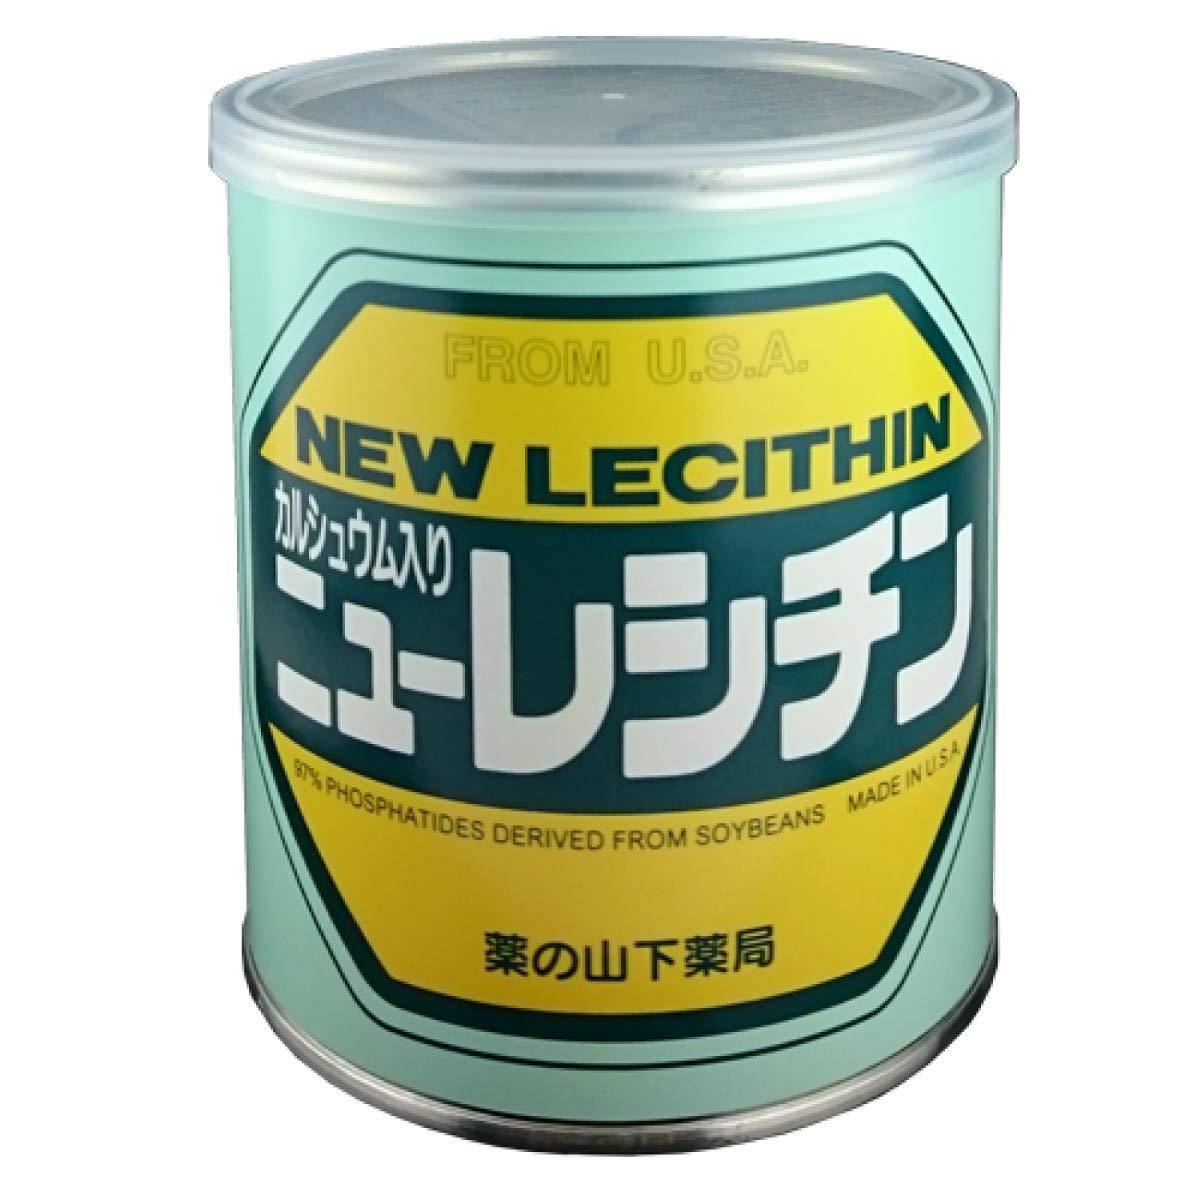 【6個セット】 カルシュウム入り ニューレシチン 280g 6個セット  B01E88KELO